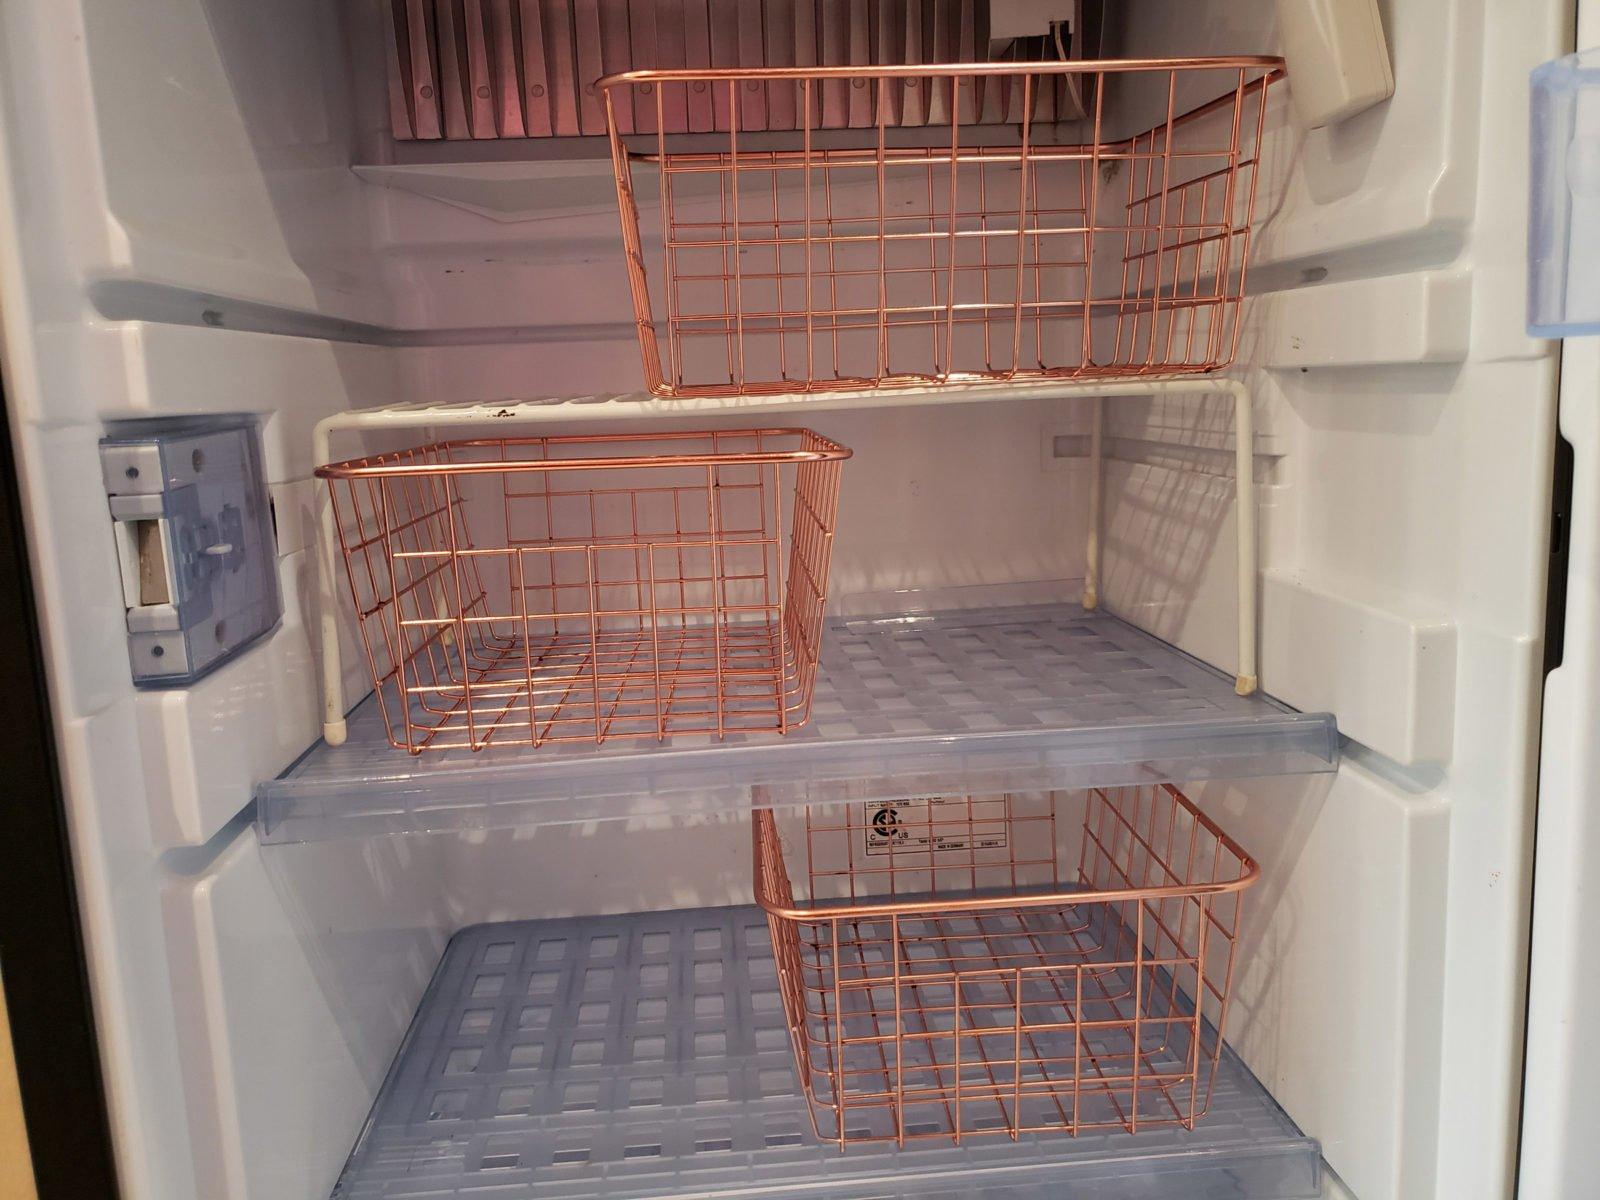 wire baskets in RV fridge